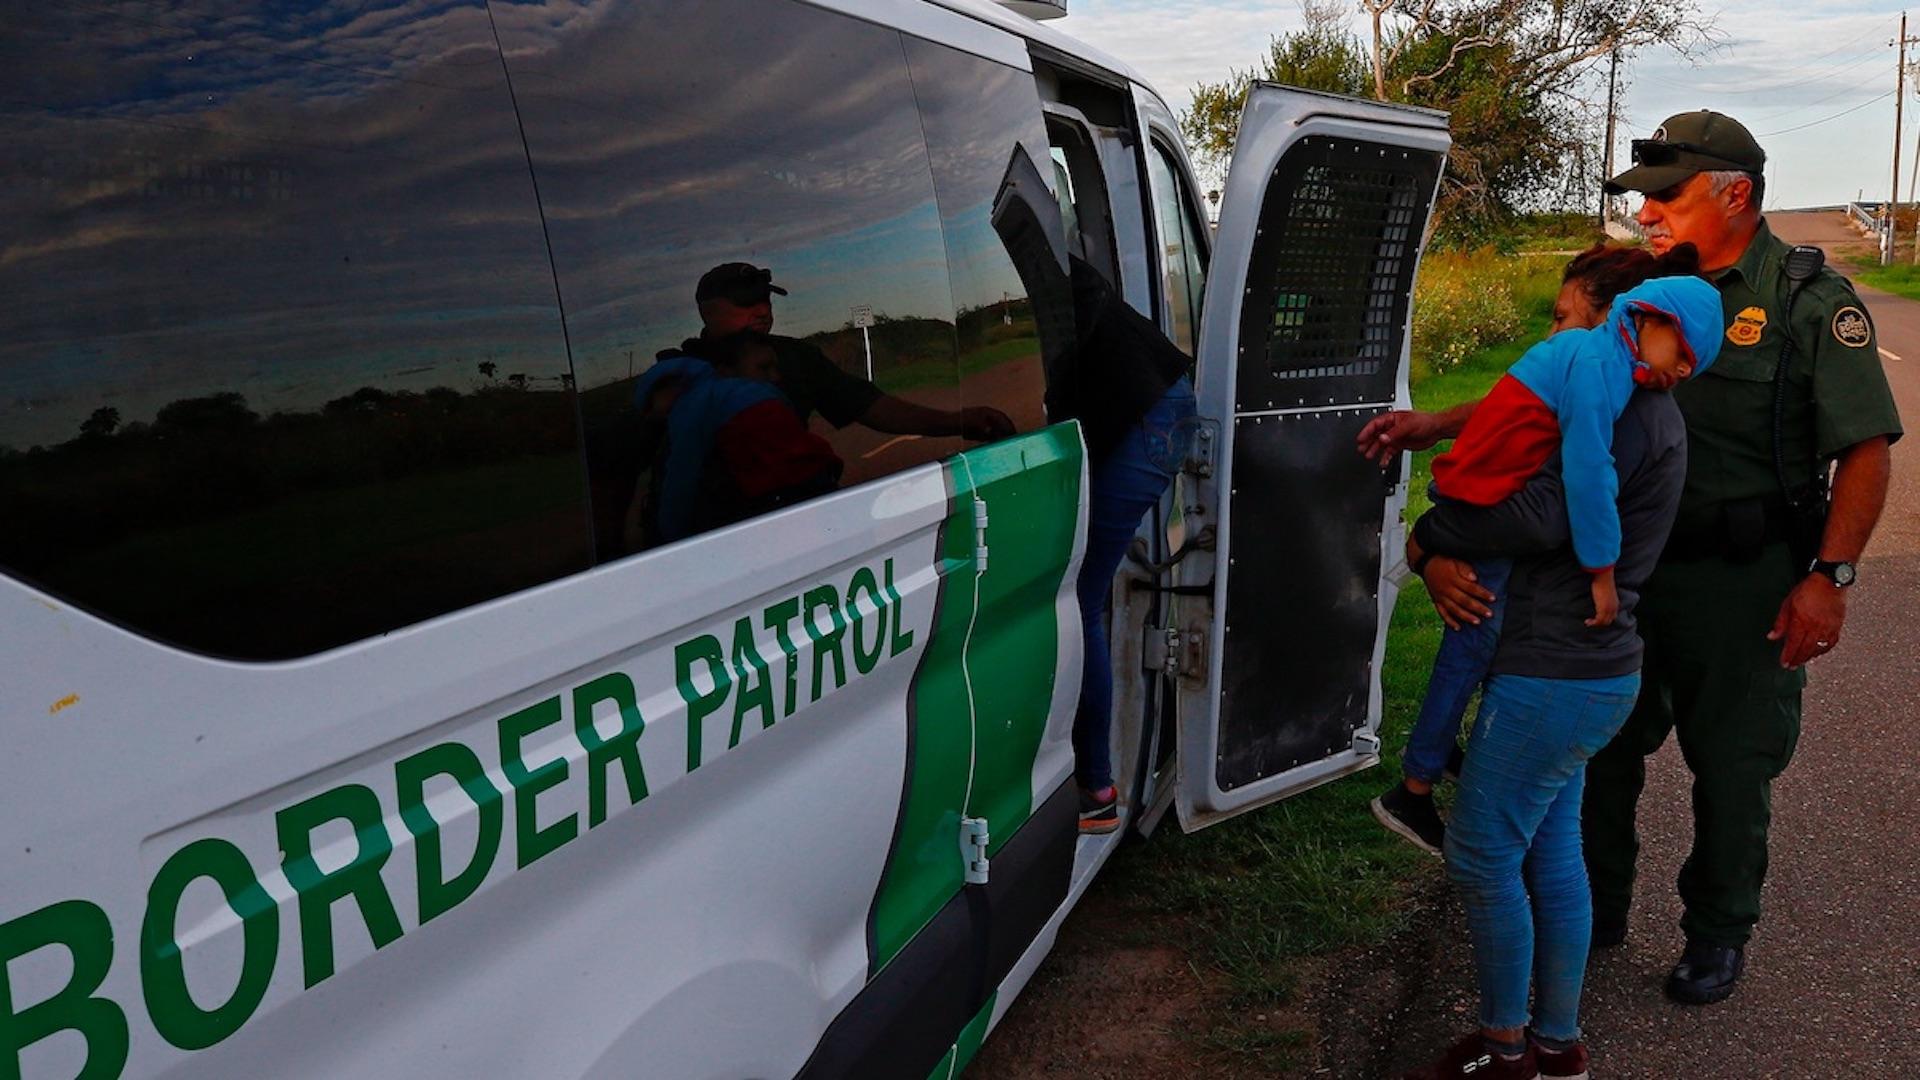 En nueve meses, EE.UU. detuvo a más de un millón de migrantes en la frontera. Foto de EFE